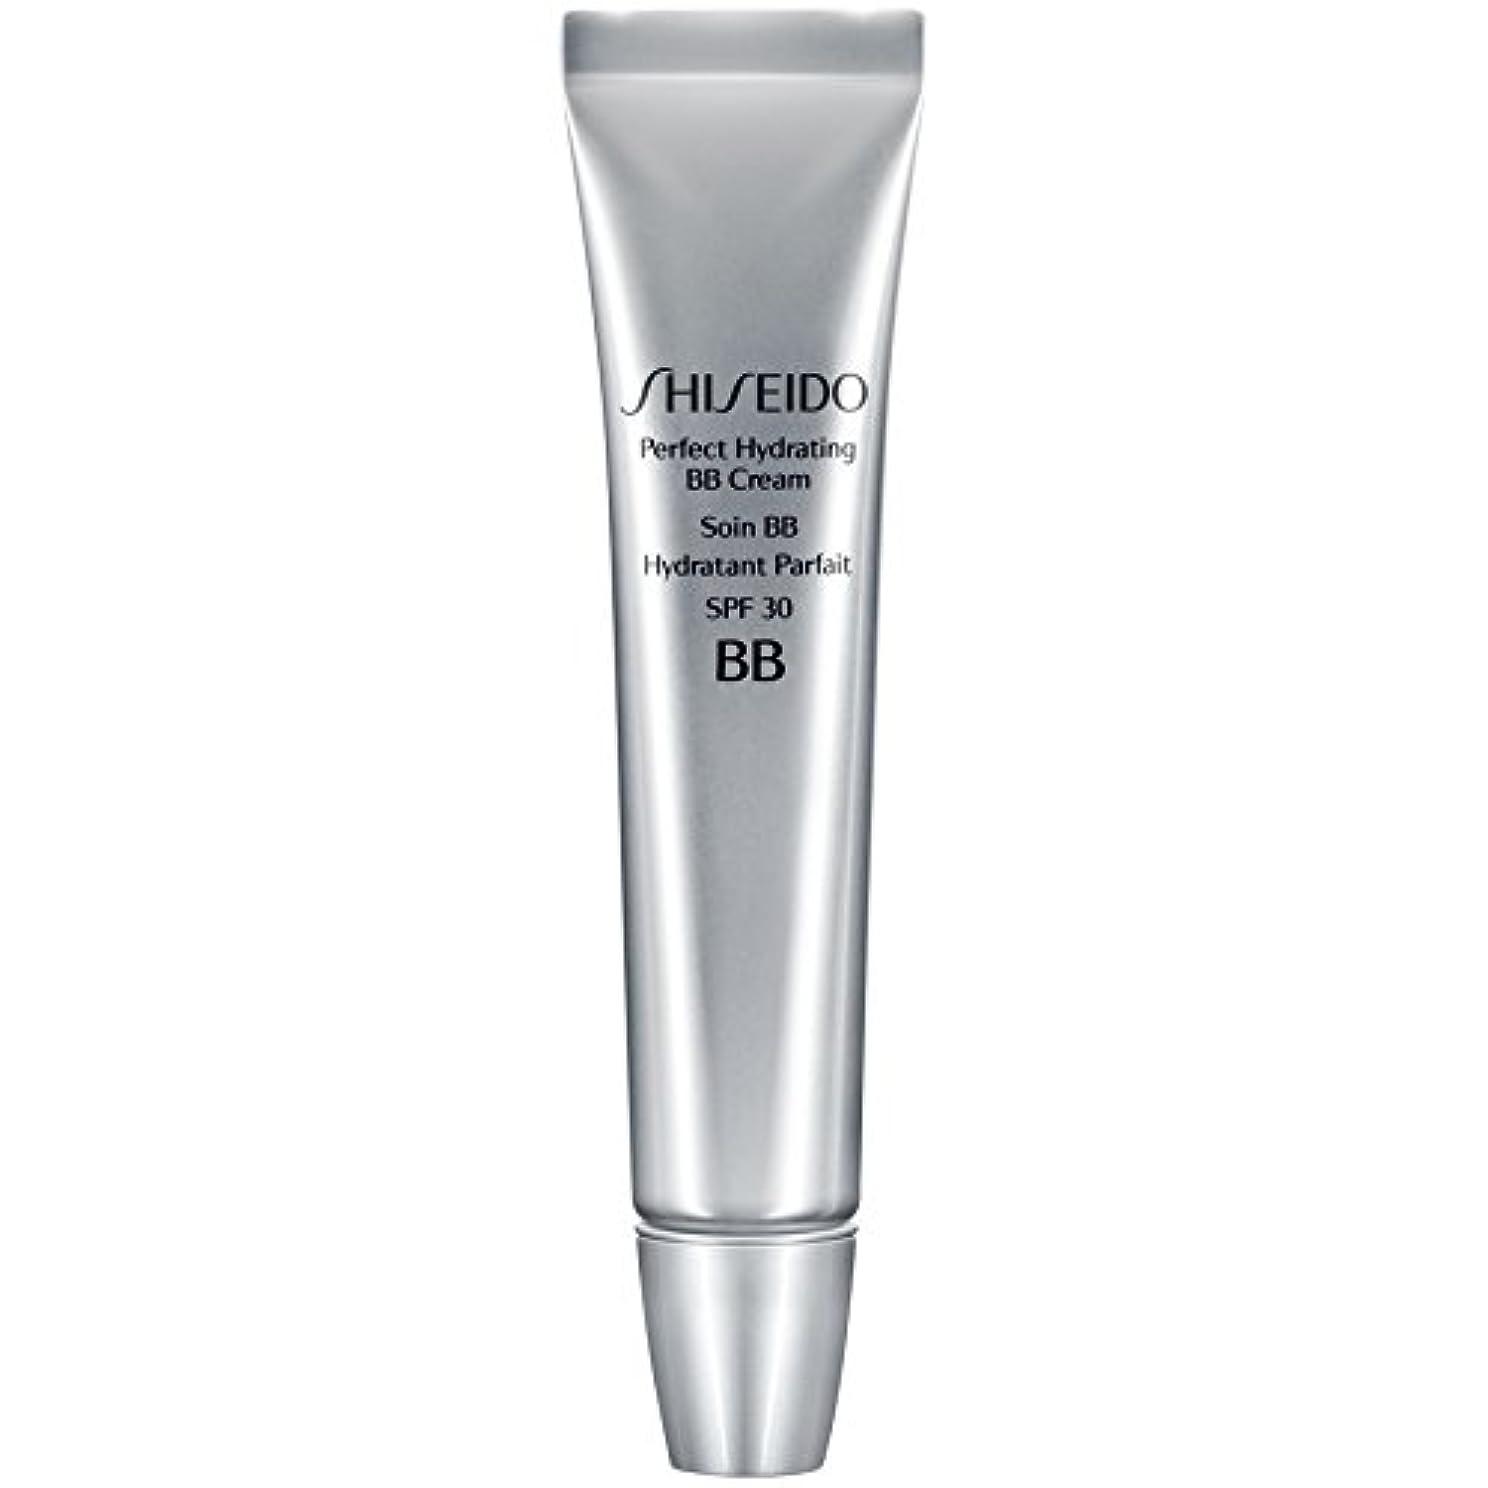 家族無声でアプト[Shiseido ] 資生堂完璧な水和BbクリームSpf 30 30ミリリットルの暗いです - Shiseido Perfect Hydrating BB Cream SPF 30 30ml Dark [並行輸入品]